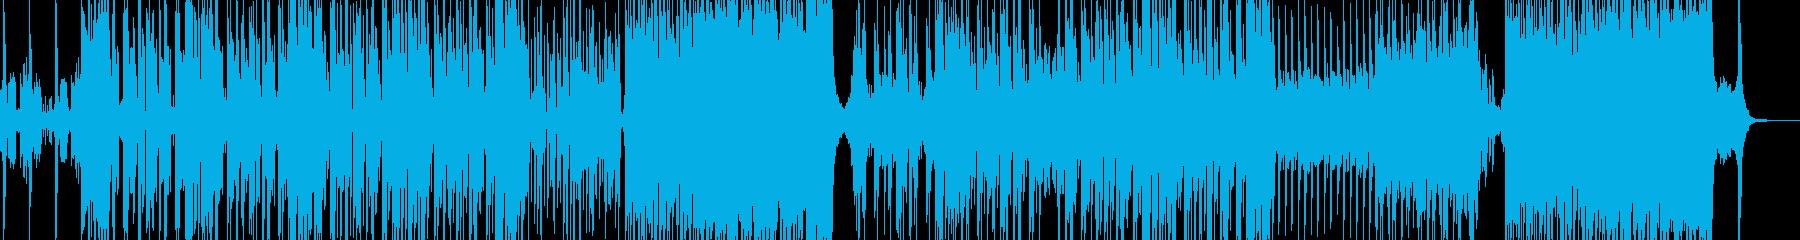 宇宙的なシンセの2ステップの再生済みの波形